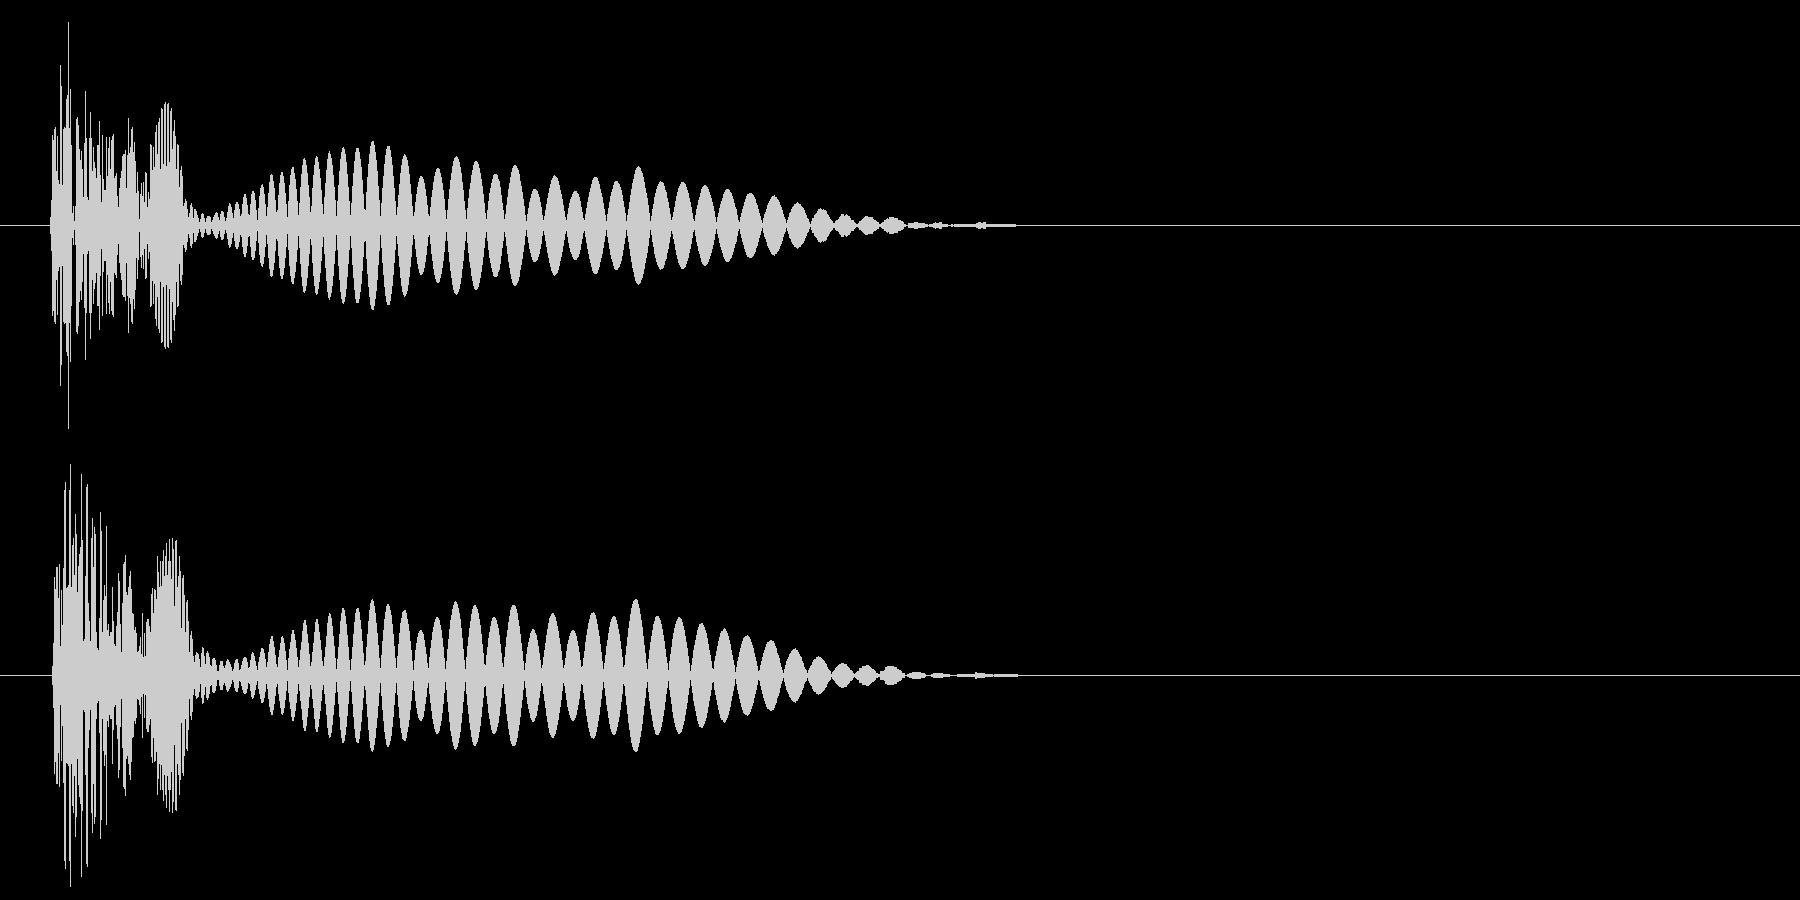 決定・キャンセル音(シュール)の未再生の波形